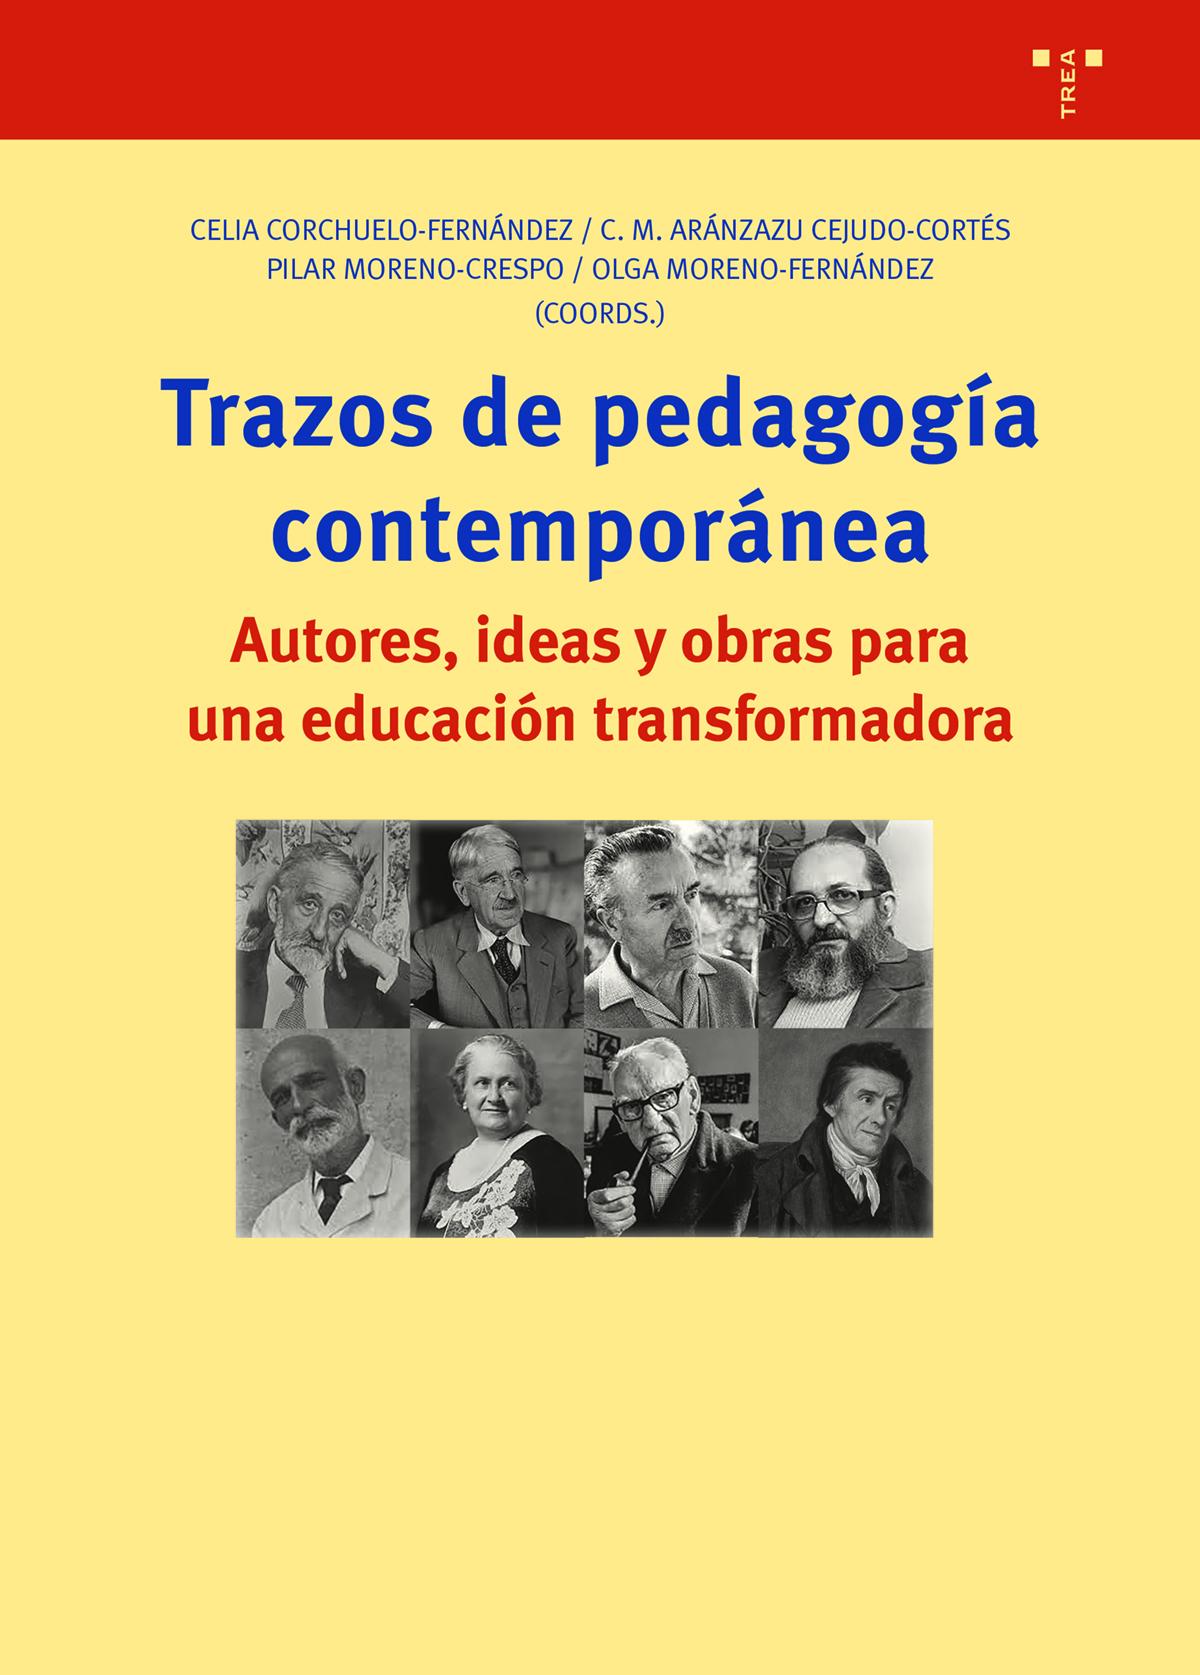 Trazos de Pedagogía Contemporánea   «Autores, ideas y obras para una educación transformadora»